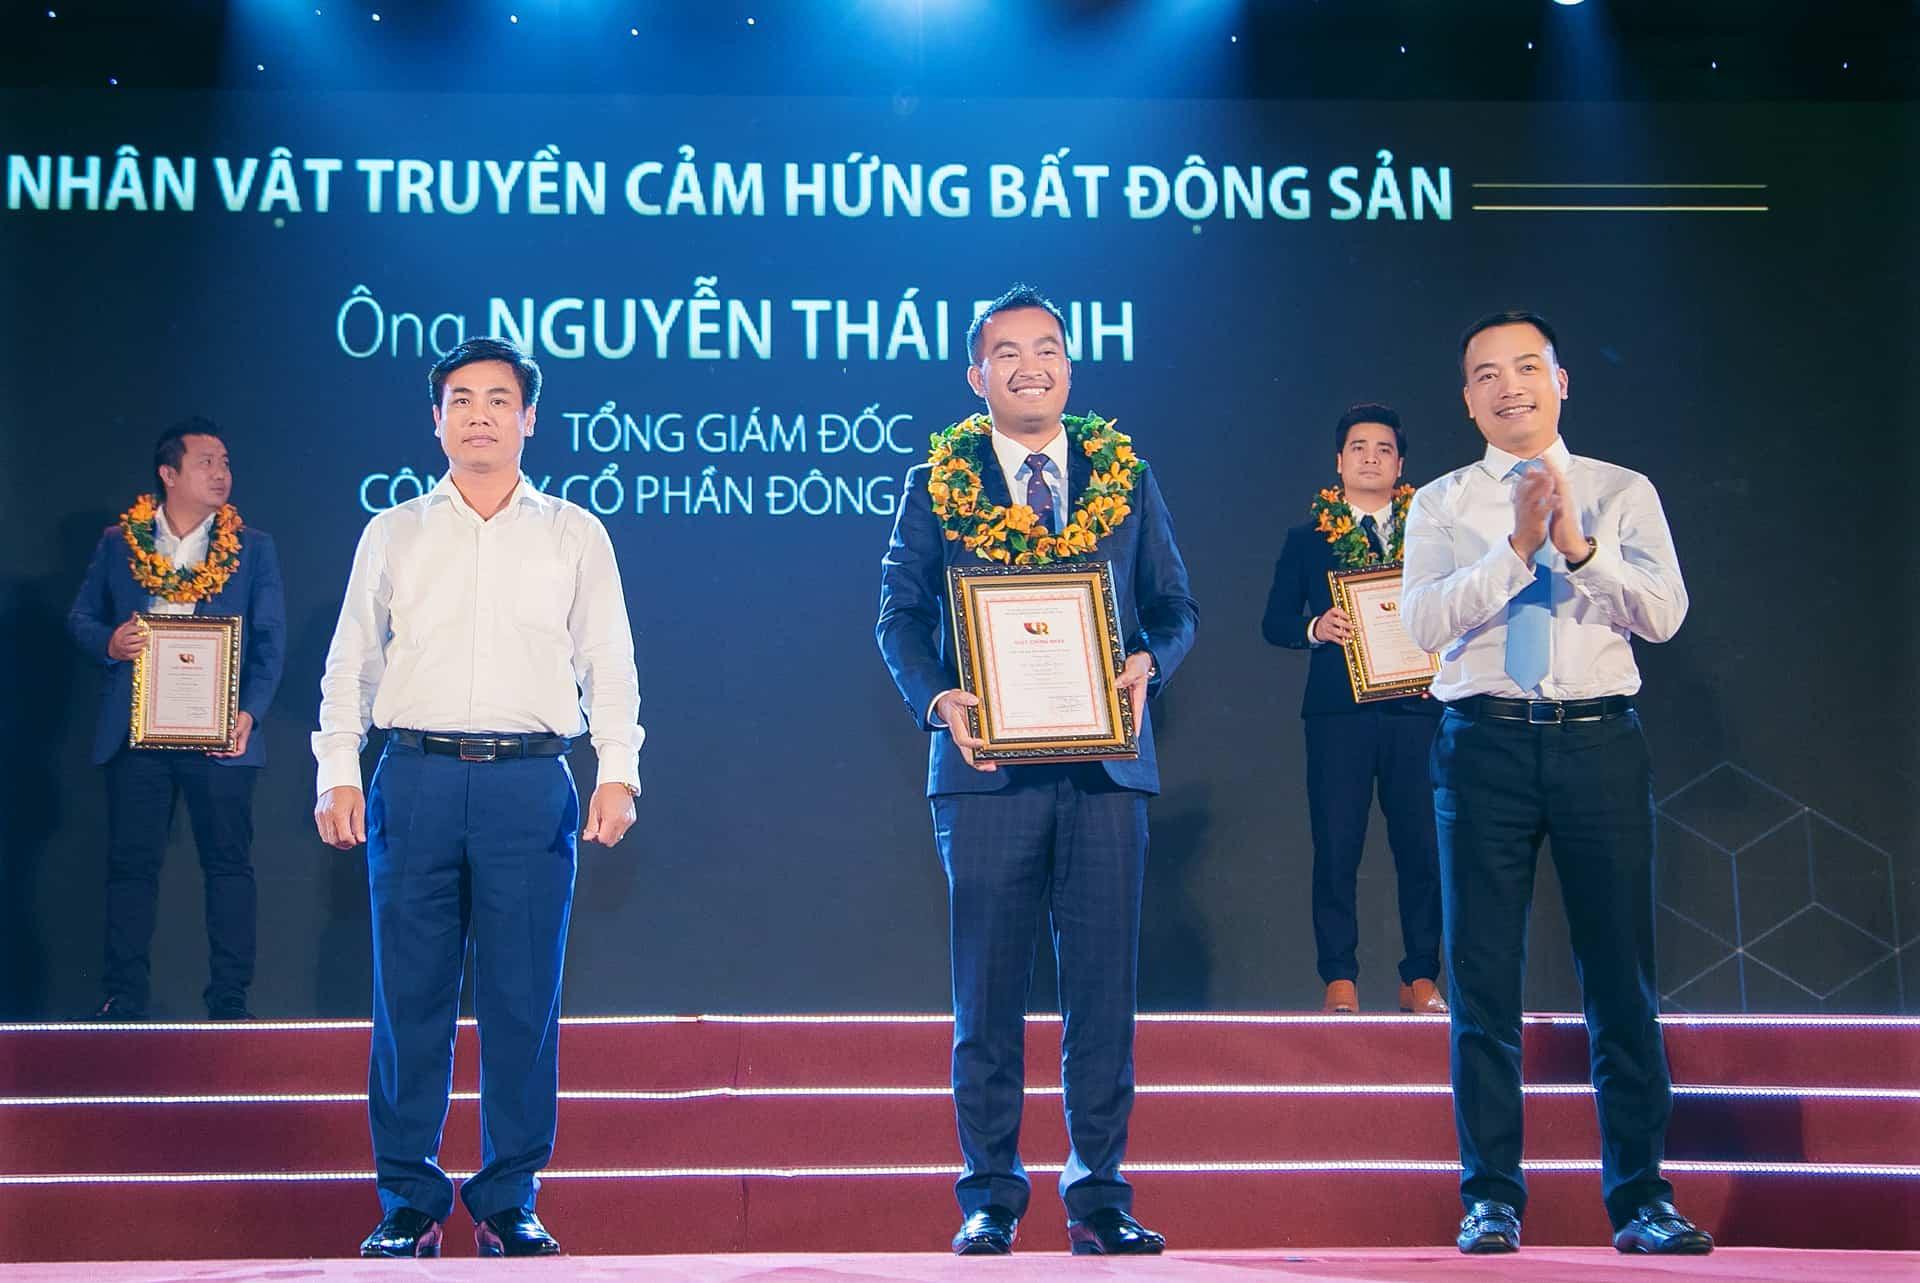 CEO Nguyễn Thái Bình - người truyền cảm hứng